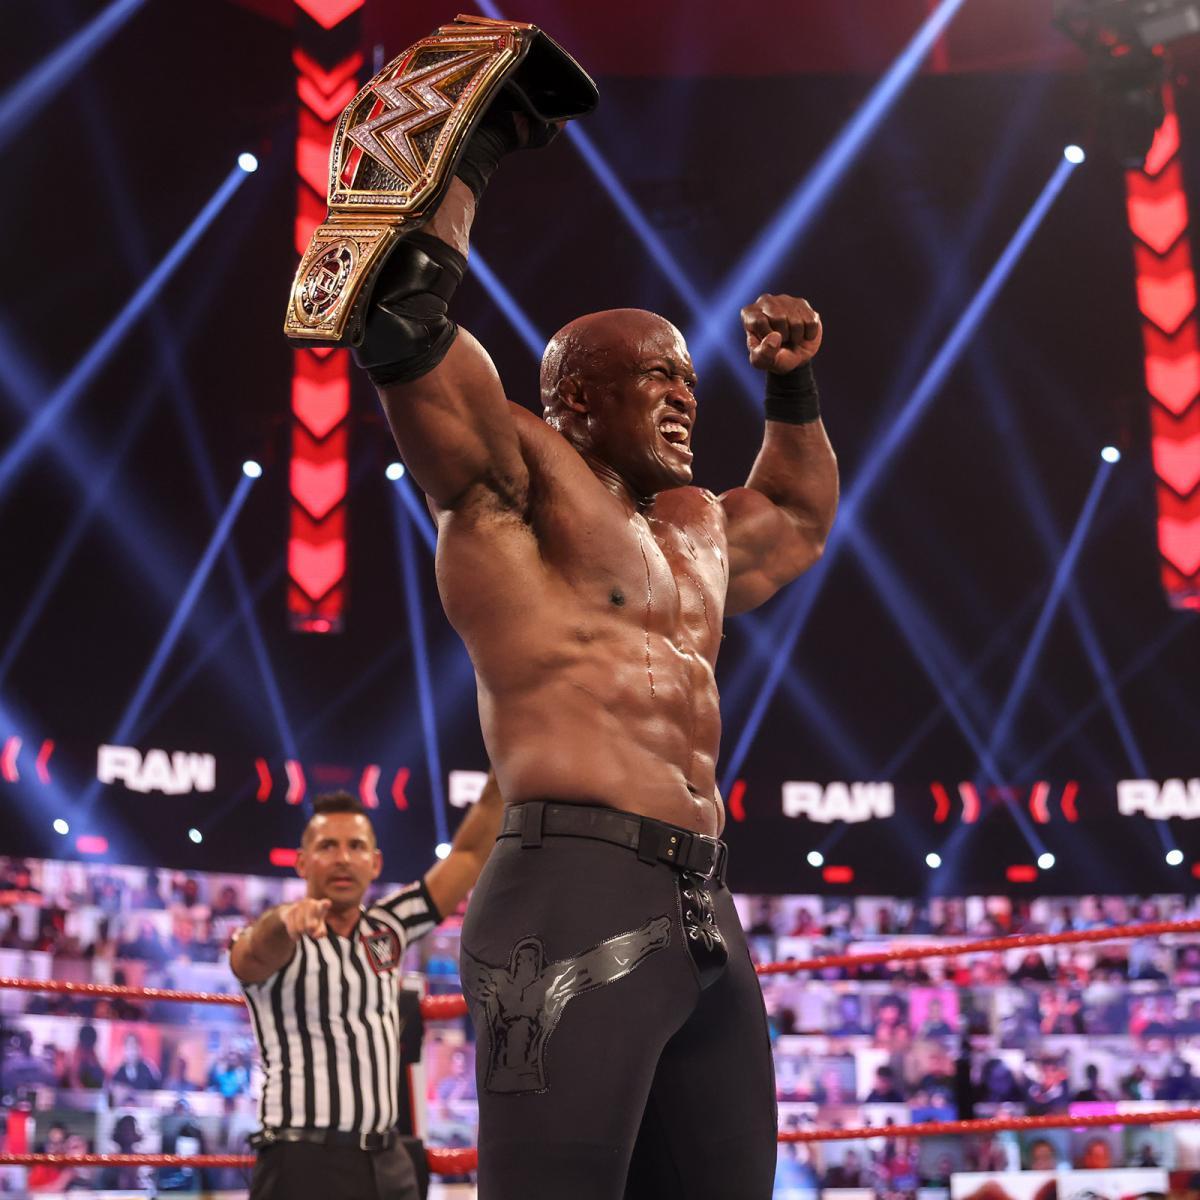 王座防衛に成功し、ベルトを持ってガッツポーズをみせるWWEヘビー級王者ラシュリー(C)2021 WWE, Inc. All Rights Reserved.